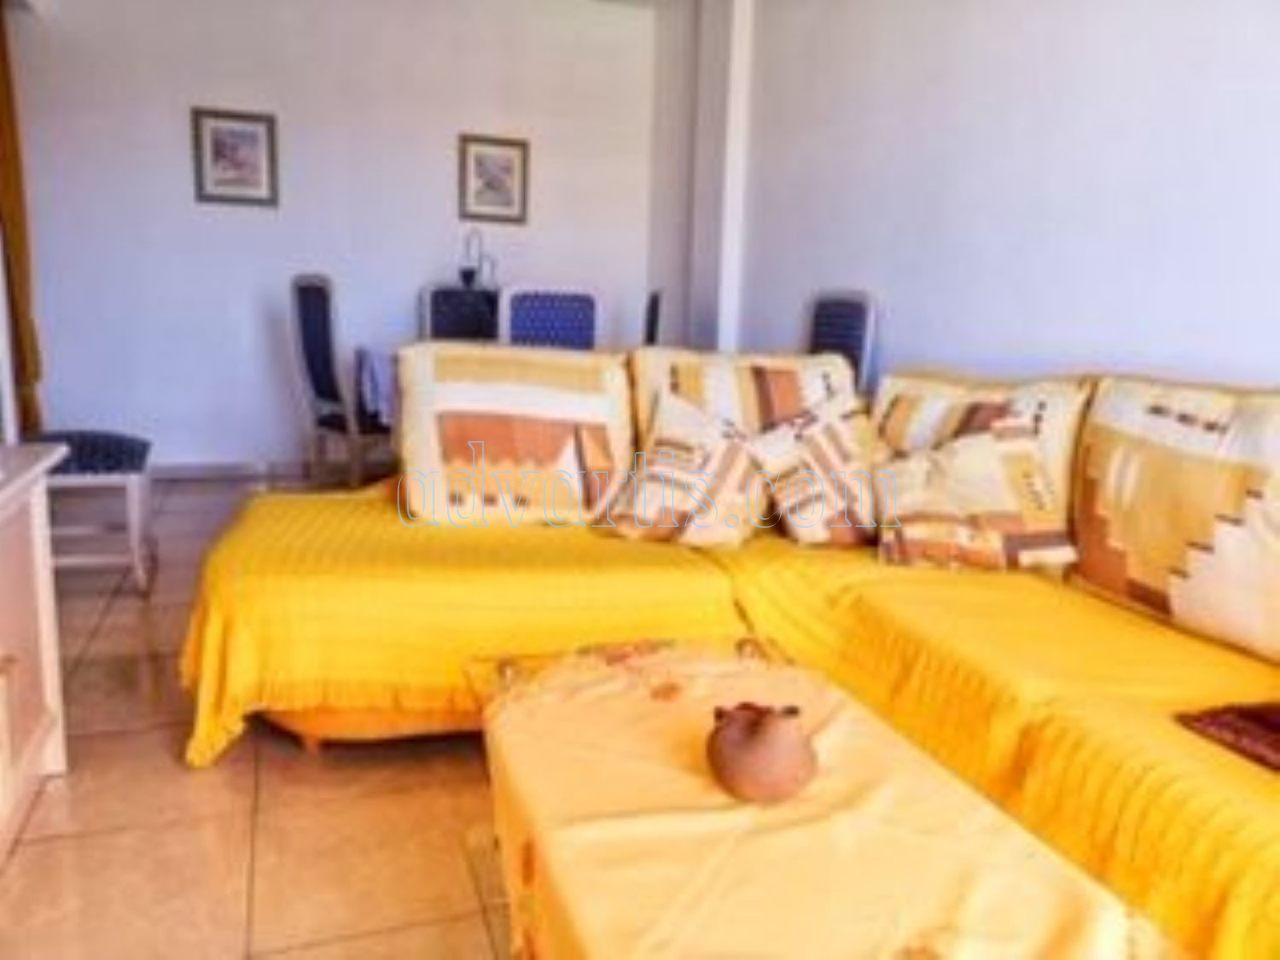 2 bedroom apartment for sale in Adeje Tenerife €159.000